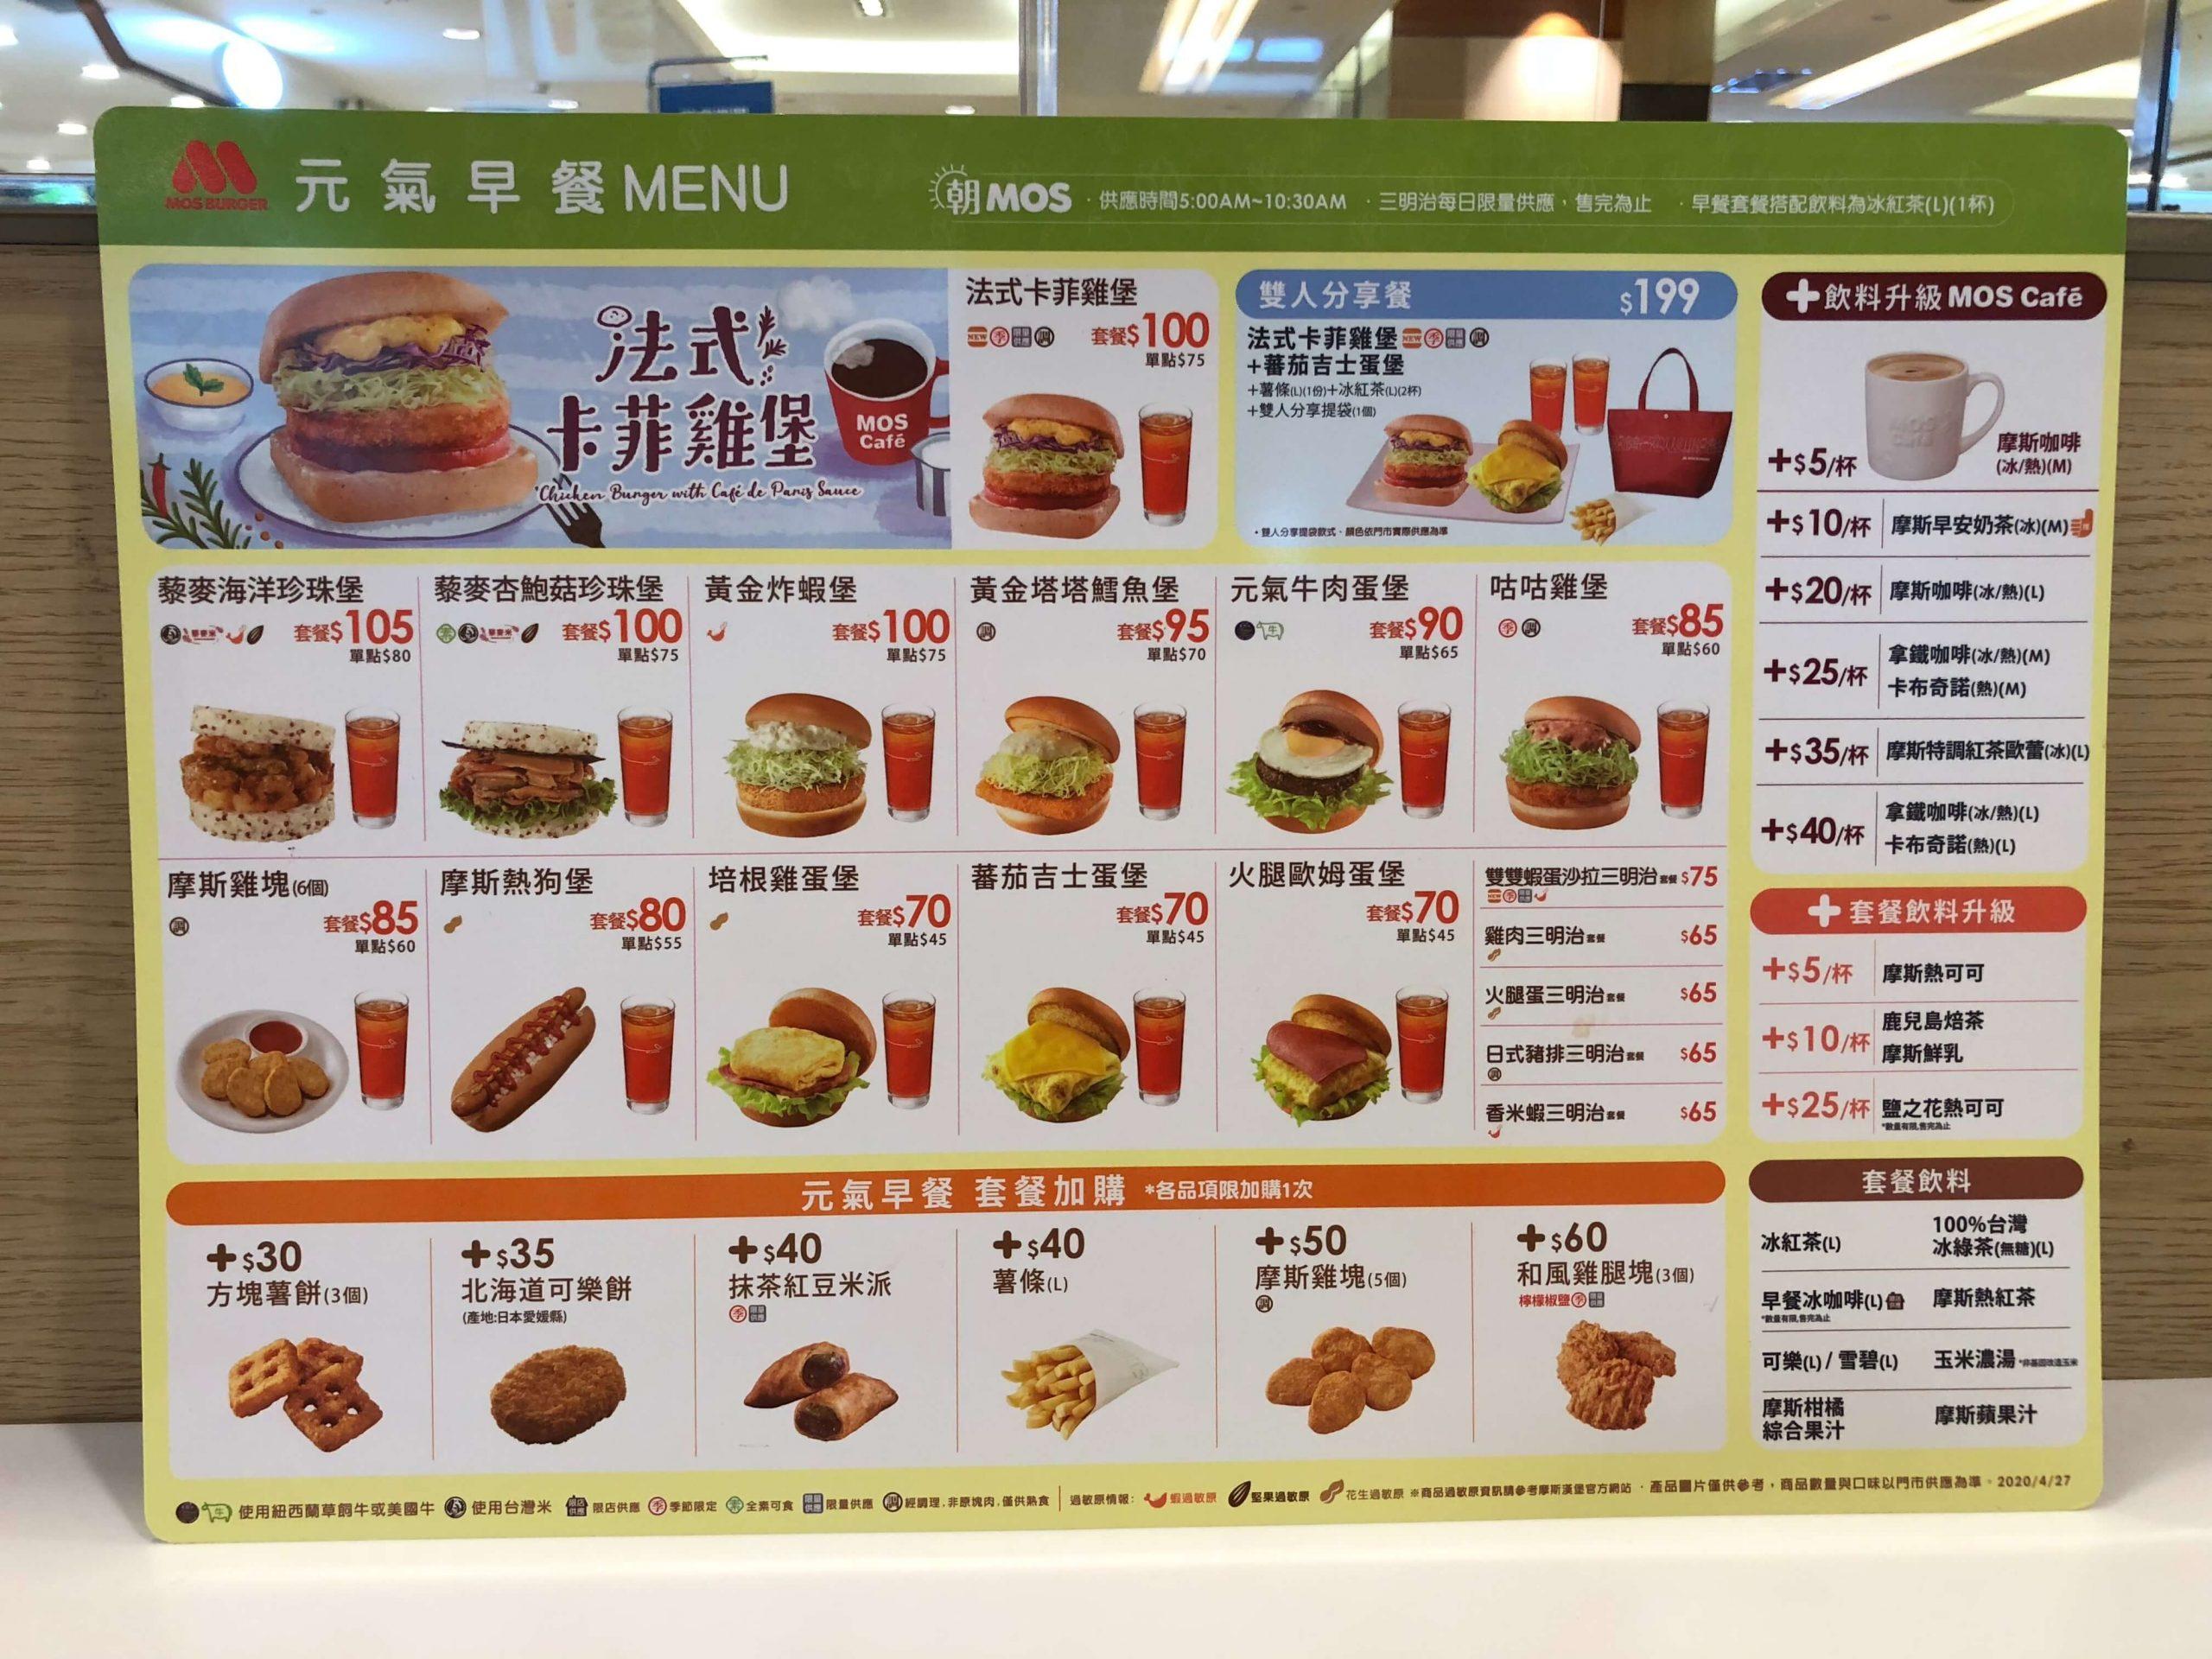 摩斯漢堡早餐菜單MENU